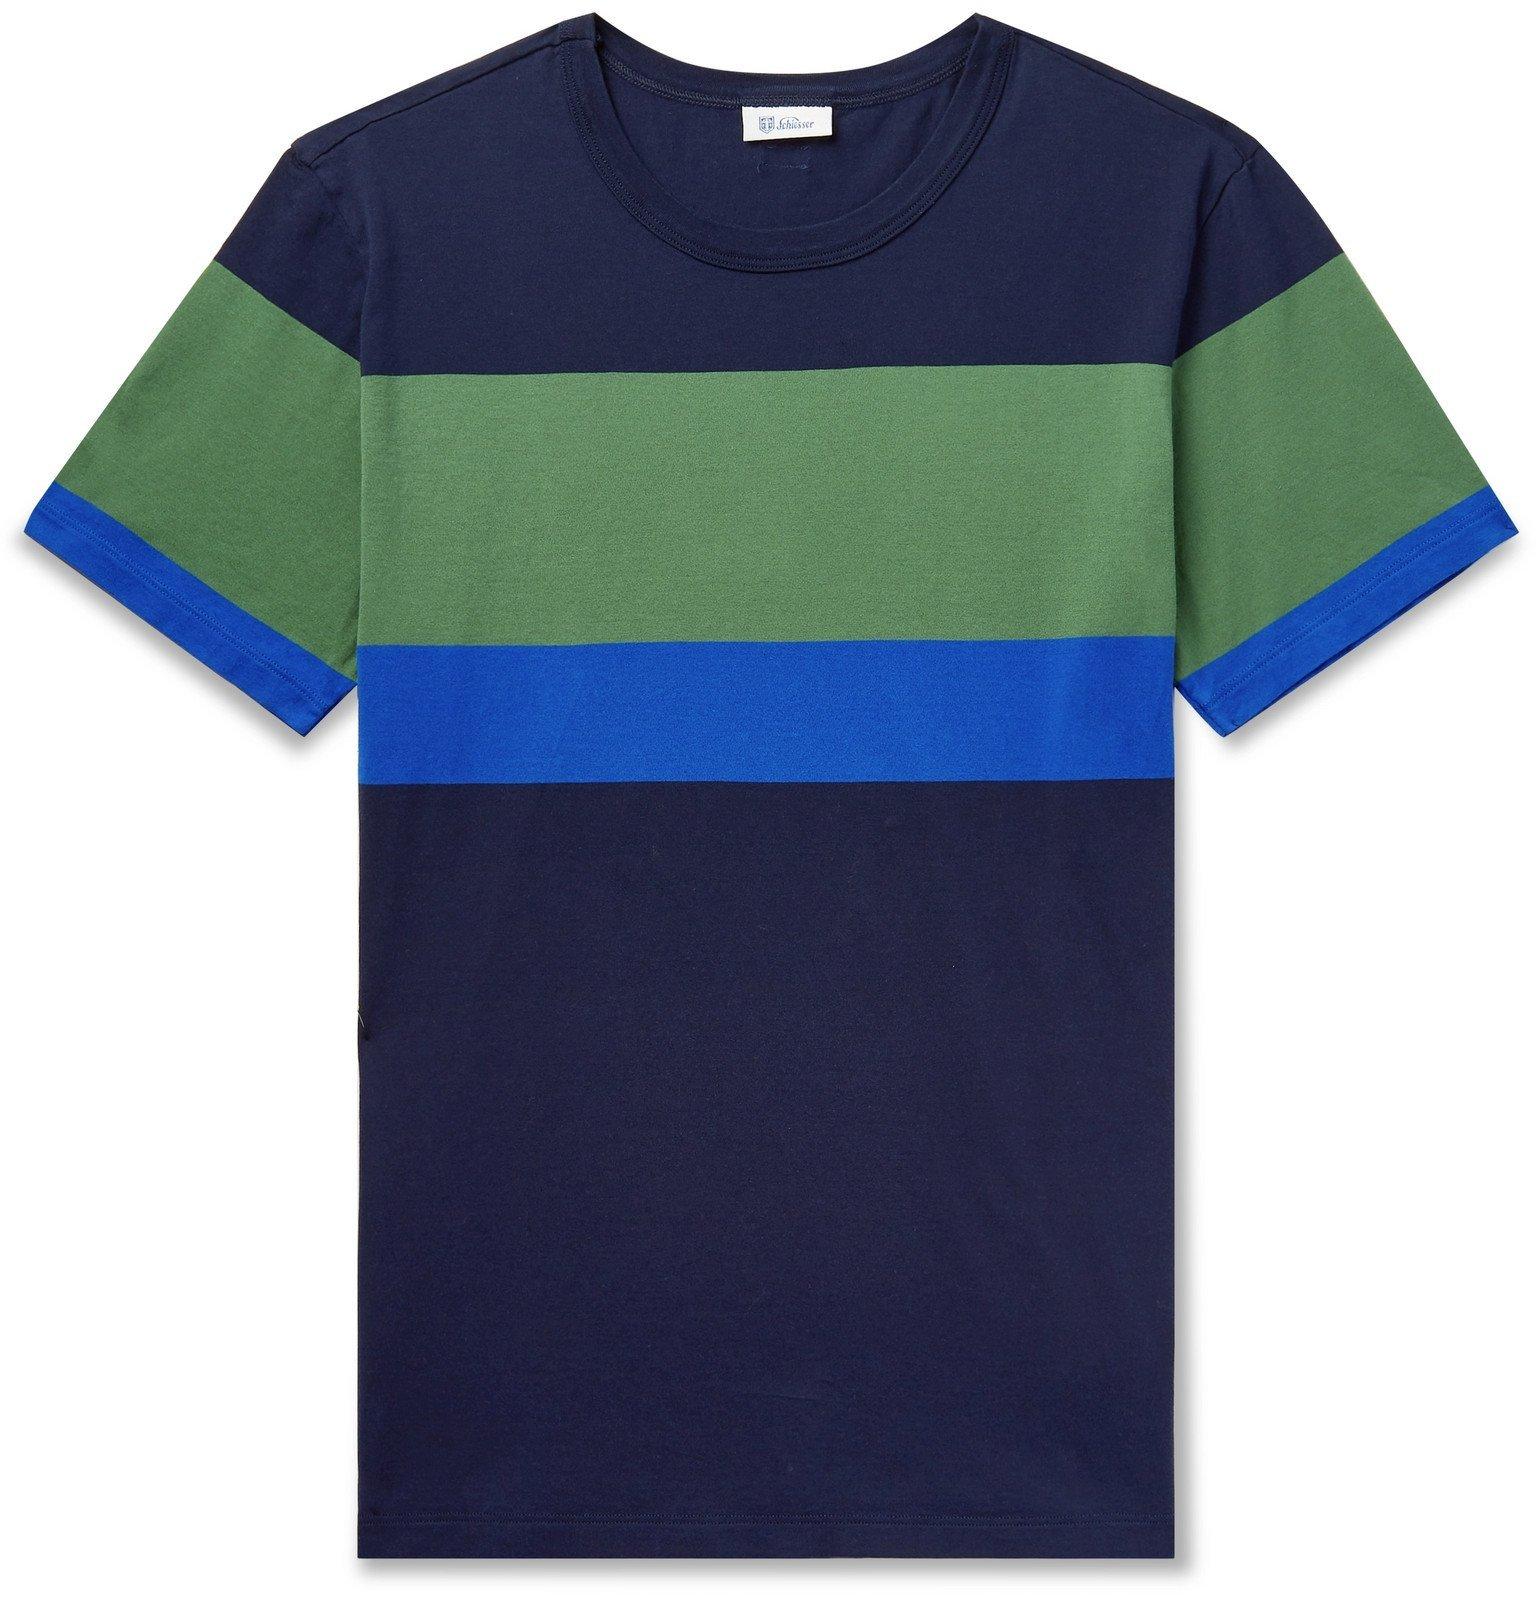 Schiesser - Georg Colour-Block Cotton-Jersey T-Shirt - Blue